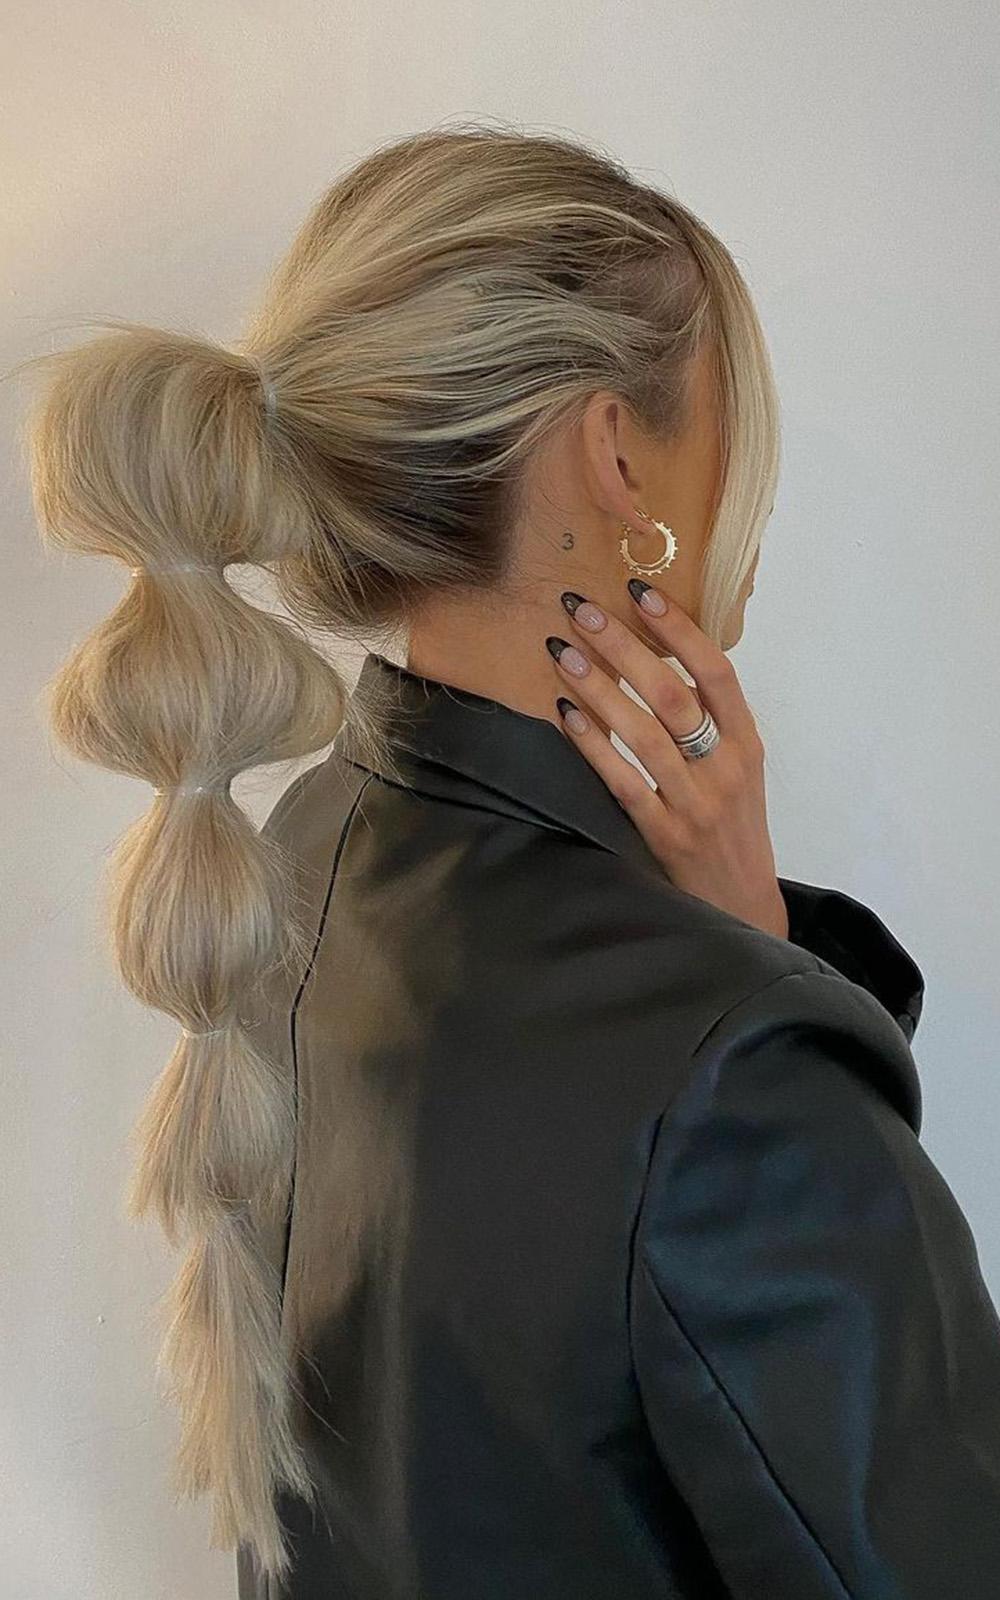 cabelo com rabo de cavalo volumoso com trança bolha